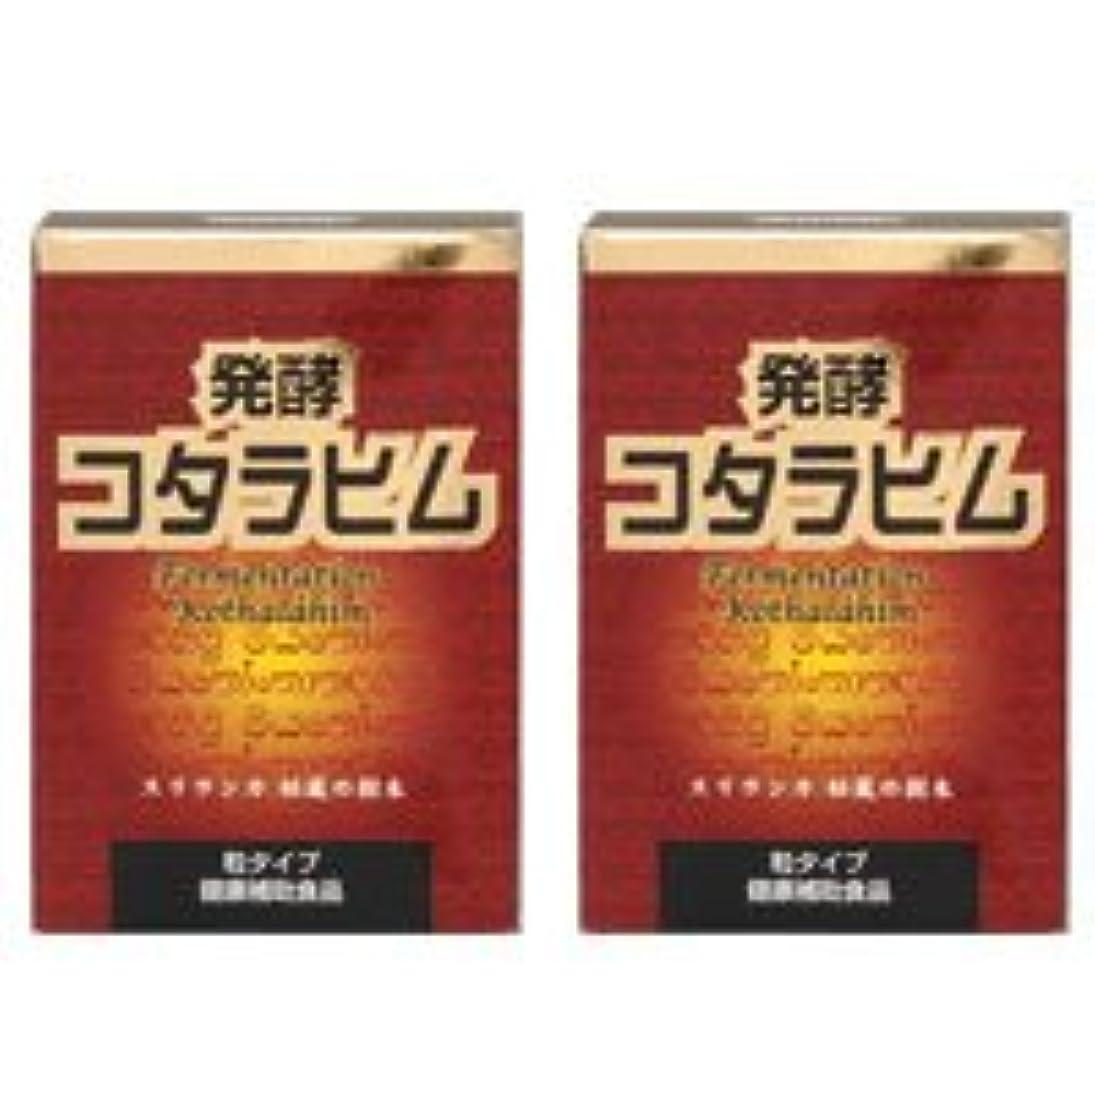 インターネットモンゴメリー練習した発酵コタラヒム2個セット【糖を変化させるコタラヒム】